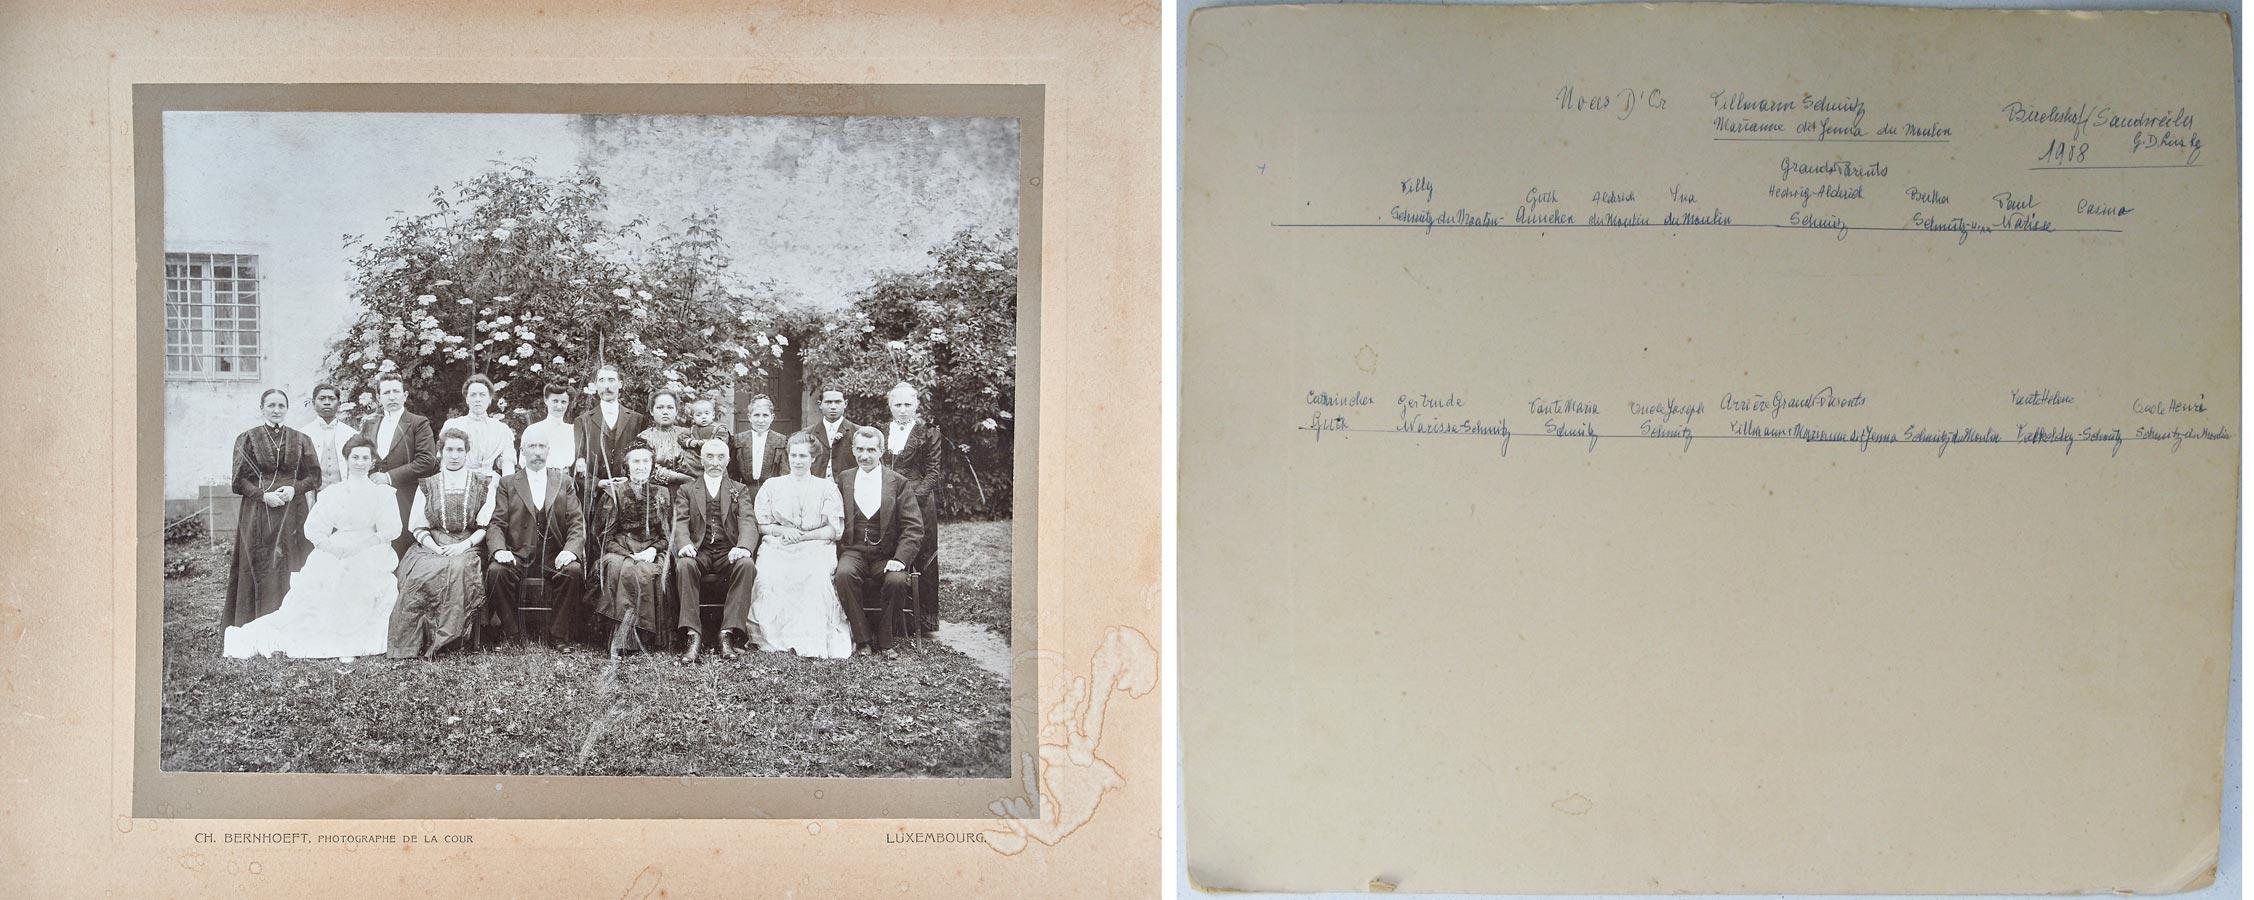 50ième anniversaire de mariage de / 50. Hochzeitstag von Maria Anna du Moulin et / und Tillmann Schmitz, Birelerhof, 1908 © Charles Bernhoeft